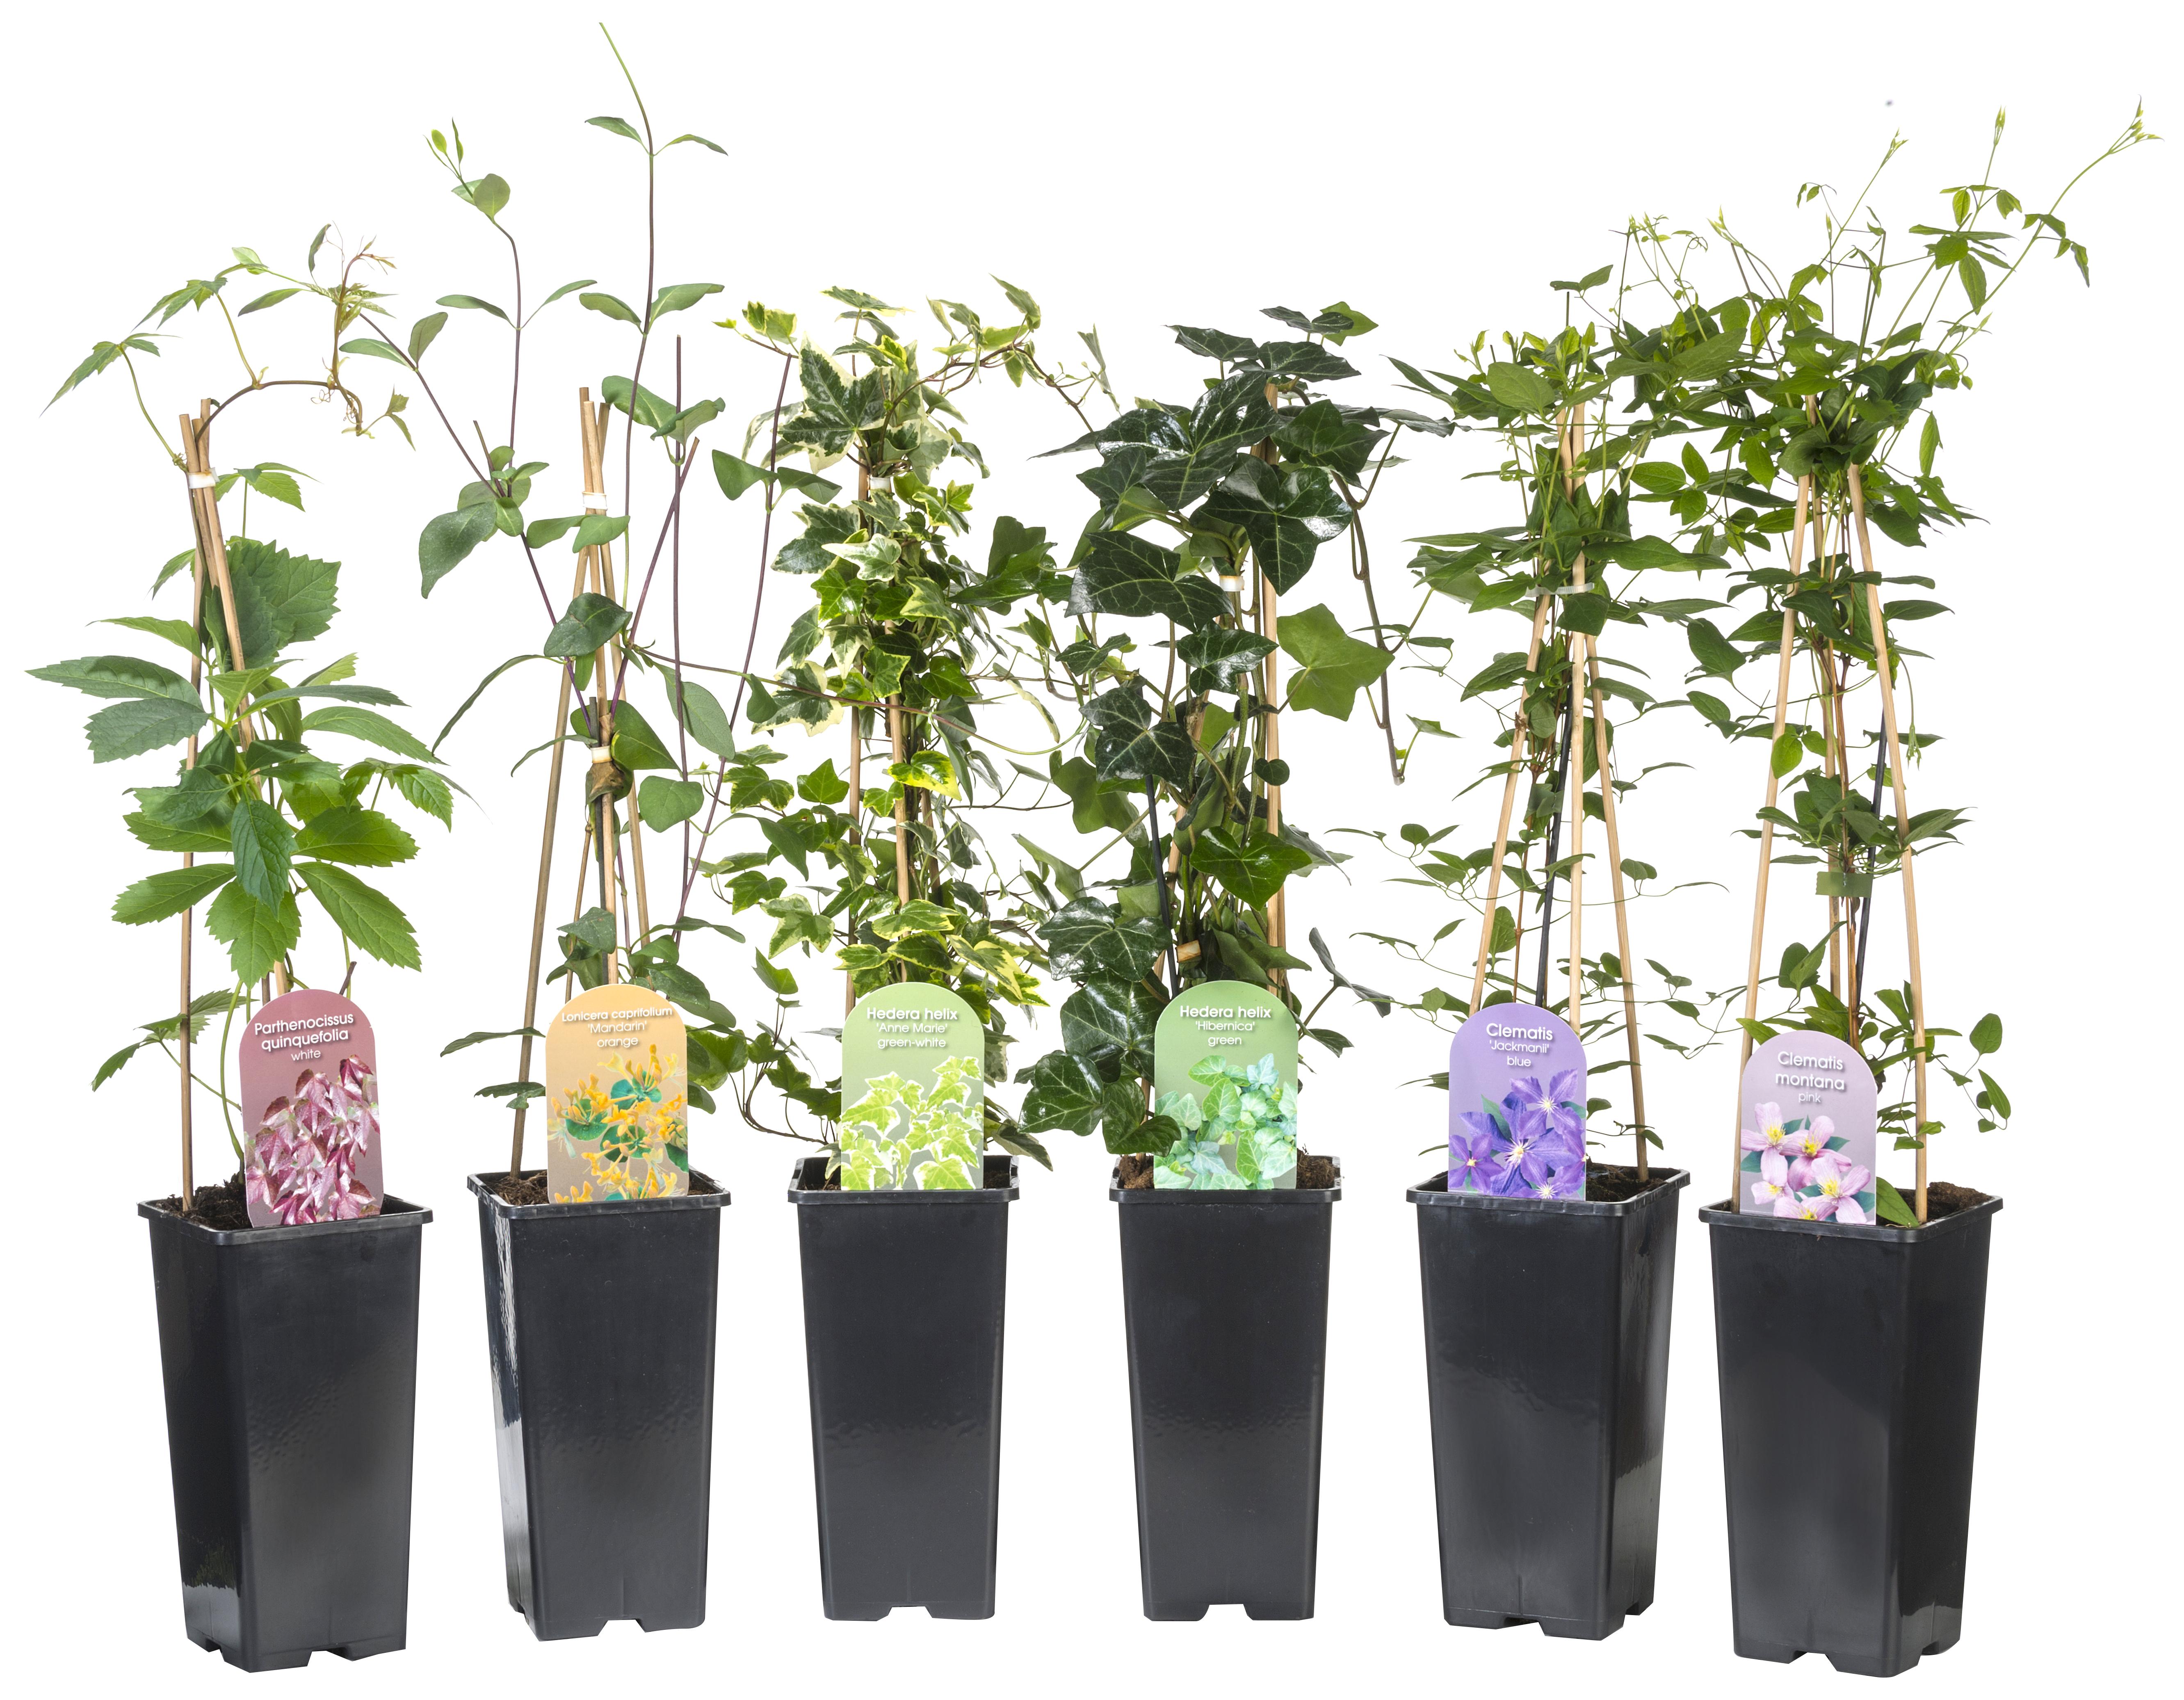 Kletterpflanzen aus dem Sortiment der Dominik GmbH & Co Pflanzenvertriebs KG